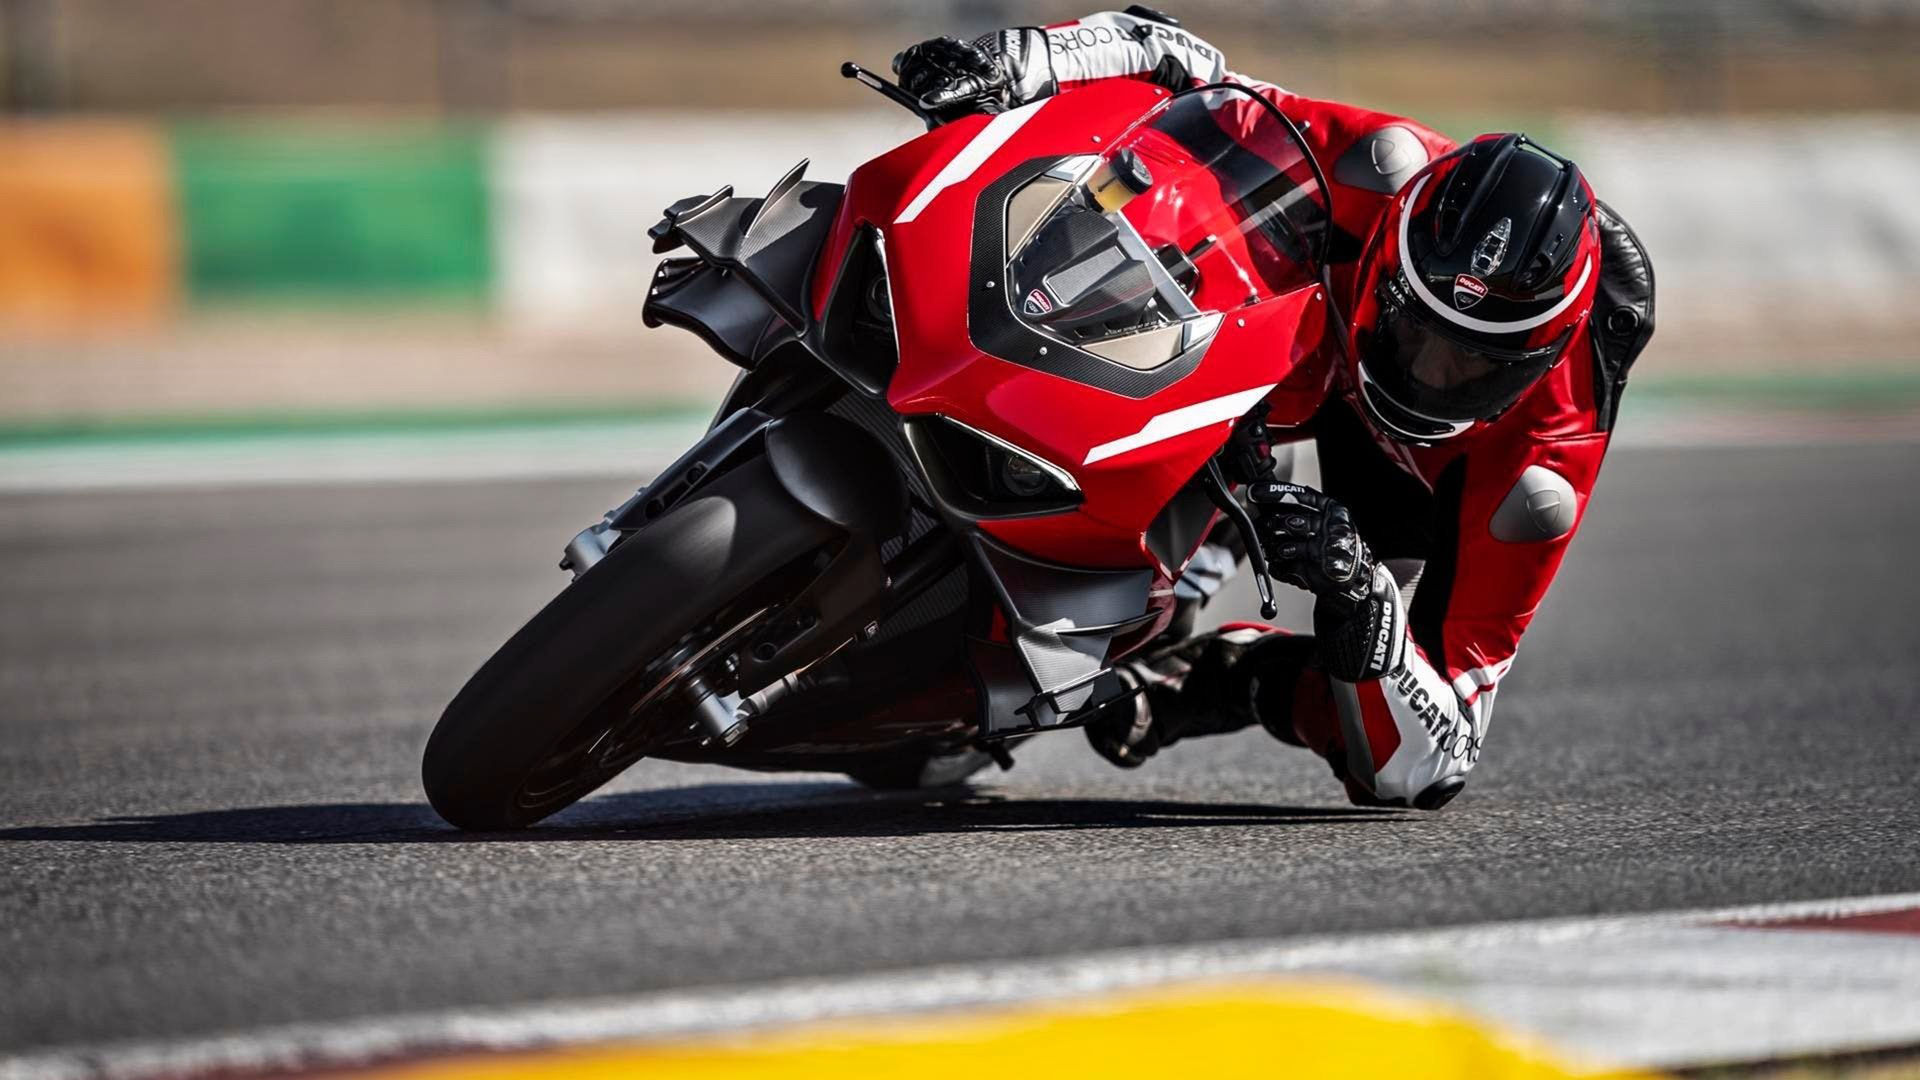 152 kilo, 237 hästar - säg hej till Ducati Superleggera V4